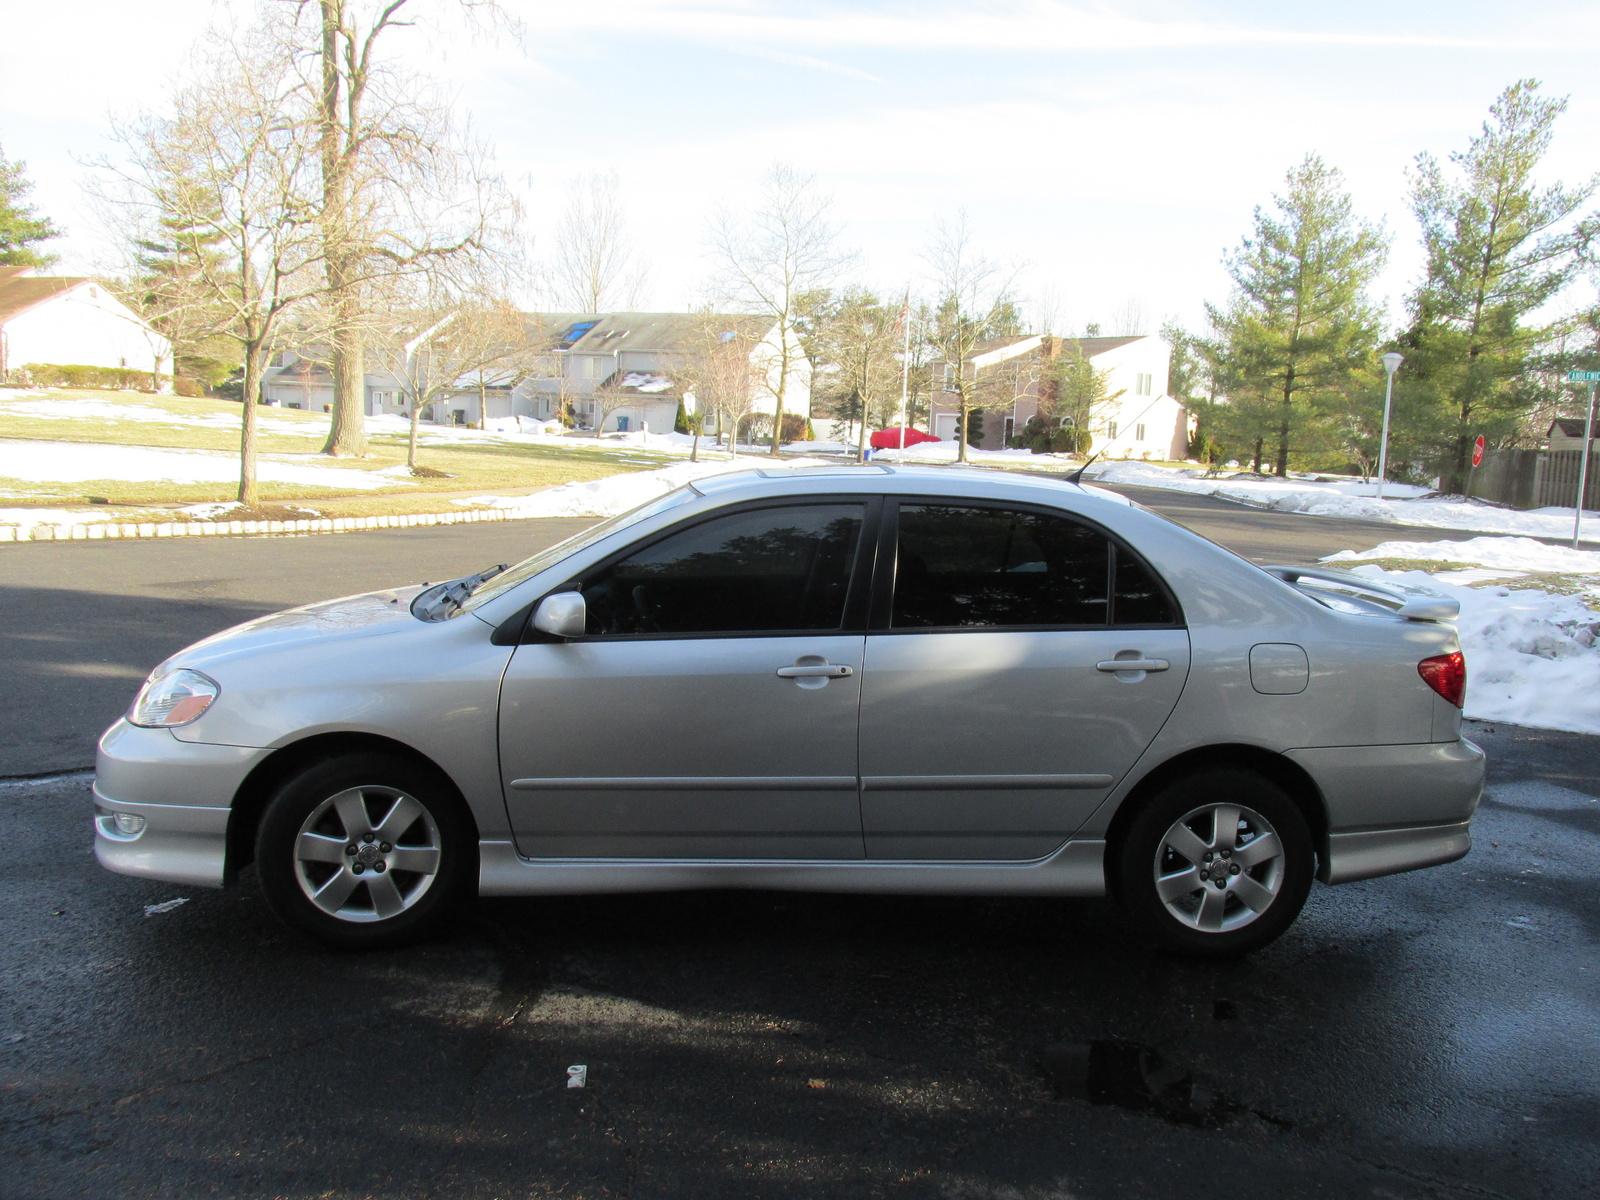 2006 Toyota Corolla Pictures Cargurus